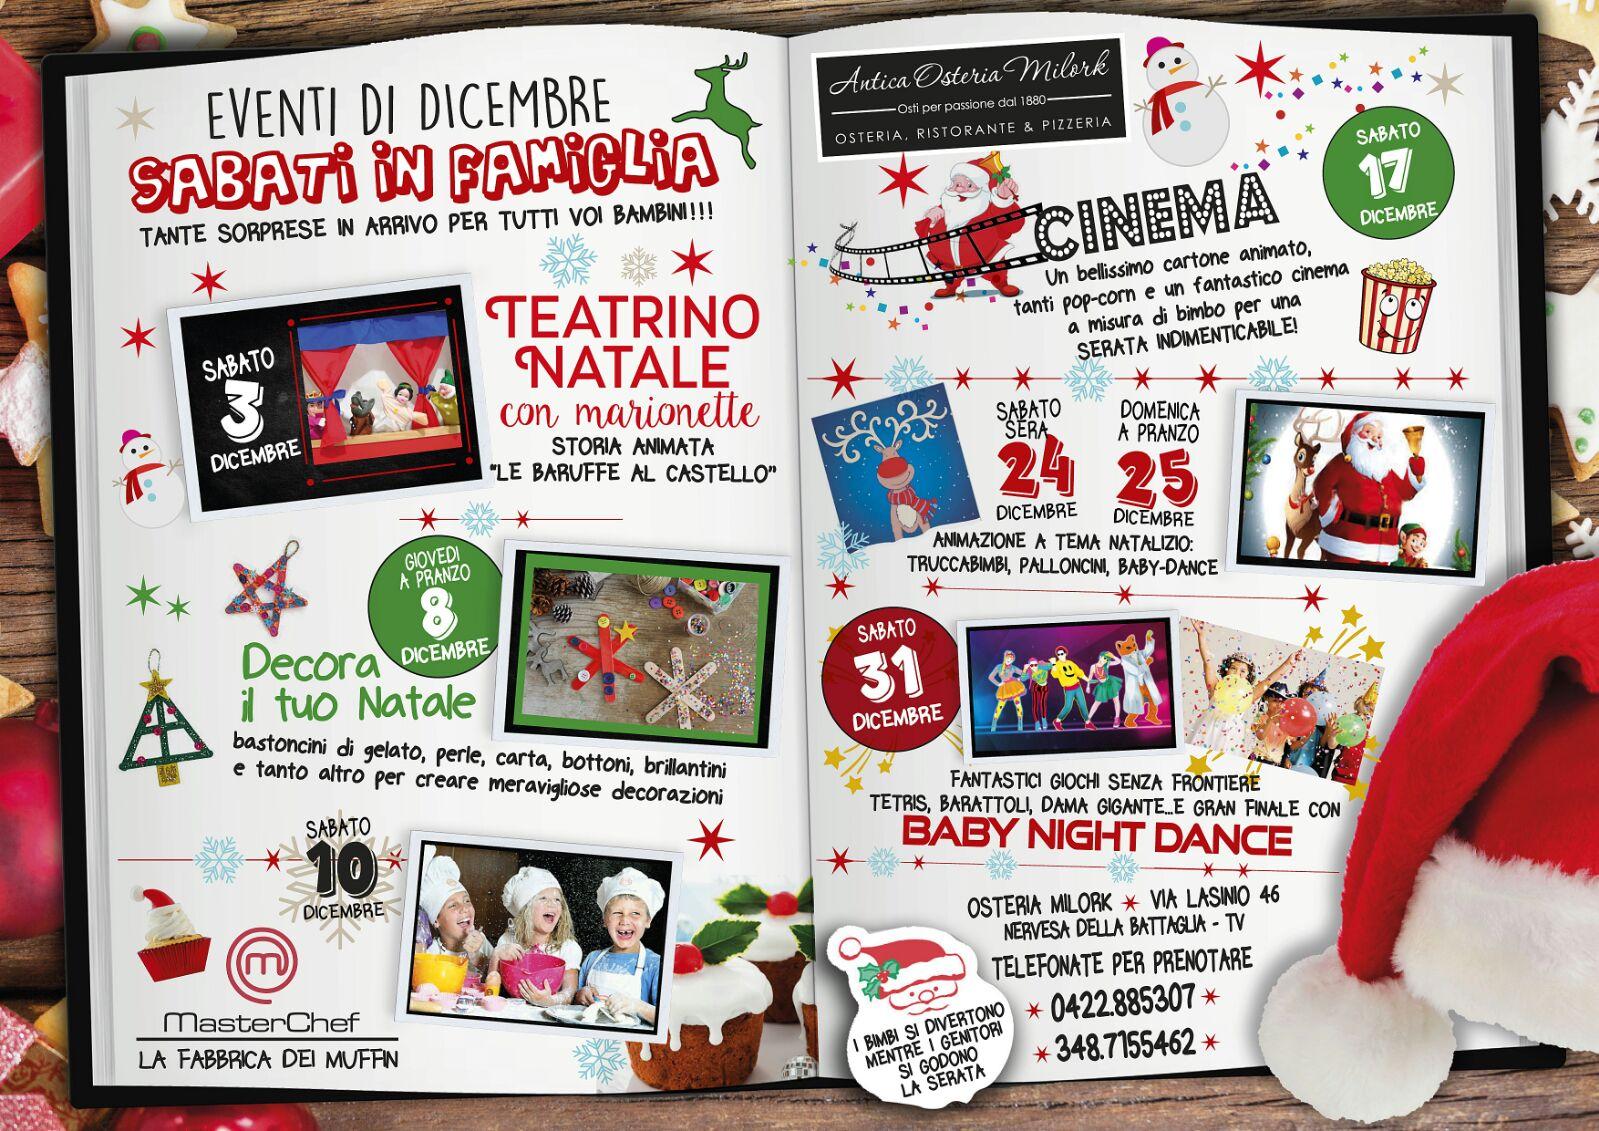 eventi dicembre 2016